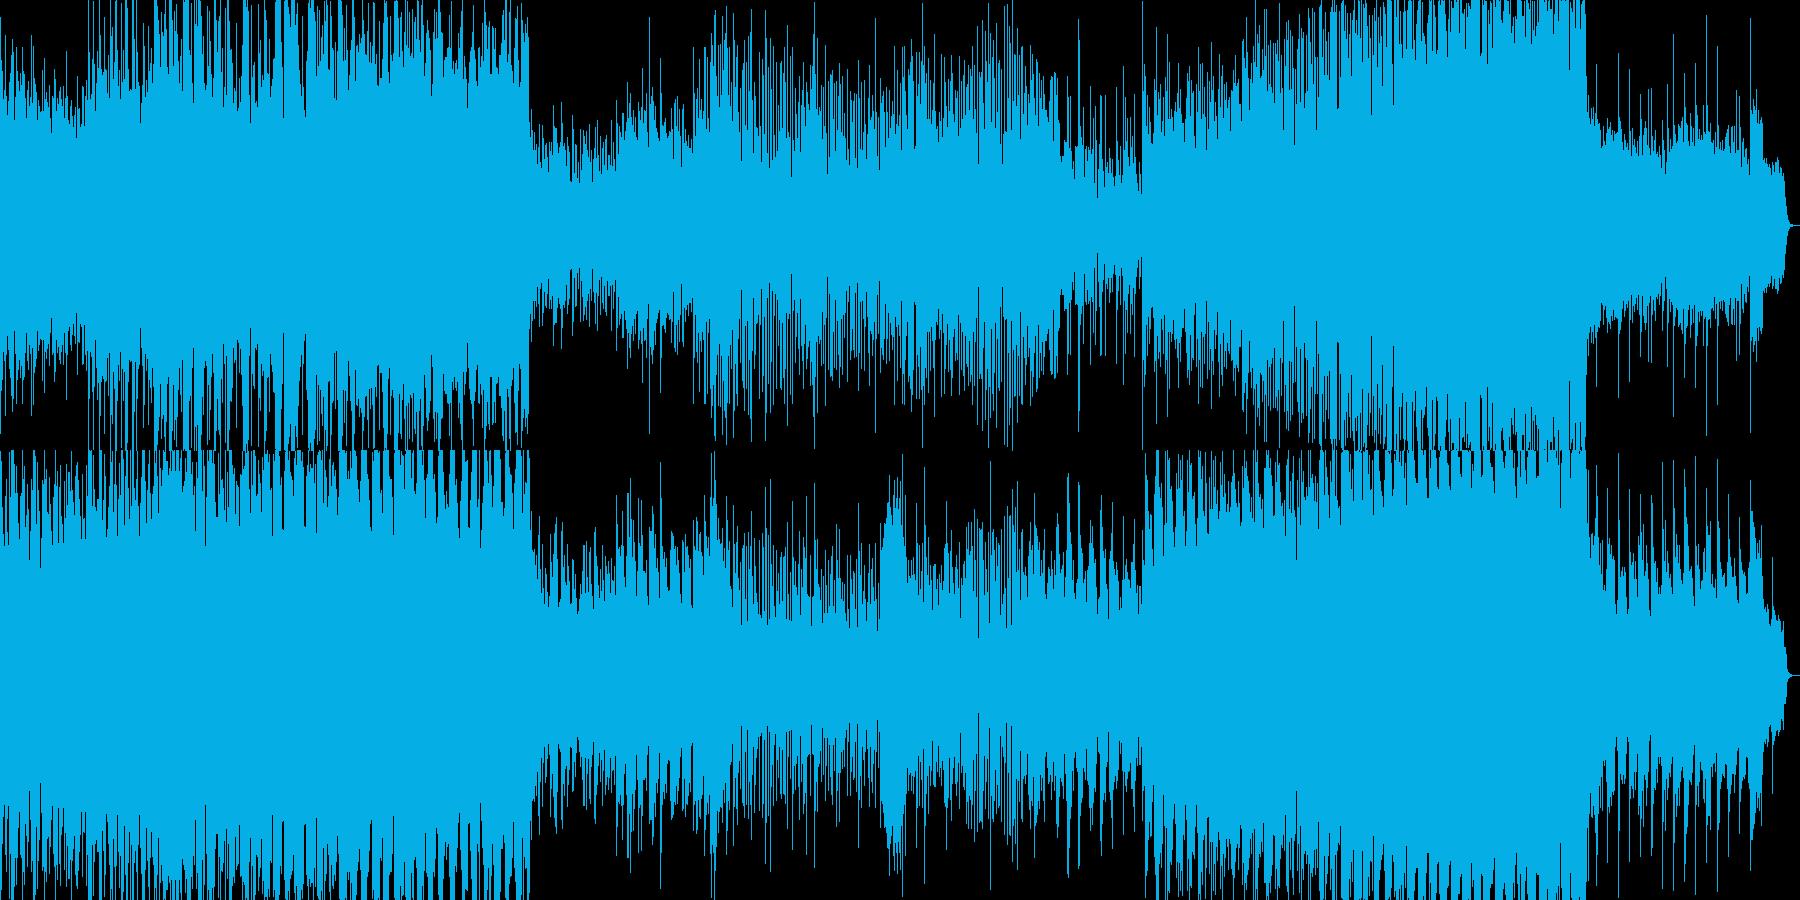 リゾートにいるみたいな癒しのリラックス音の再生済みの波形